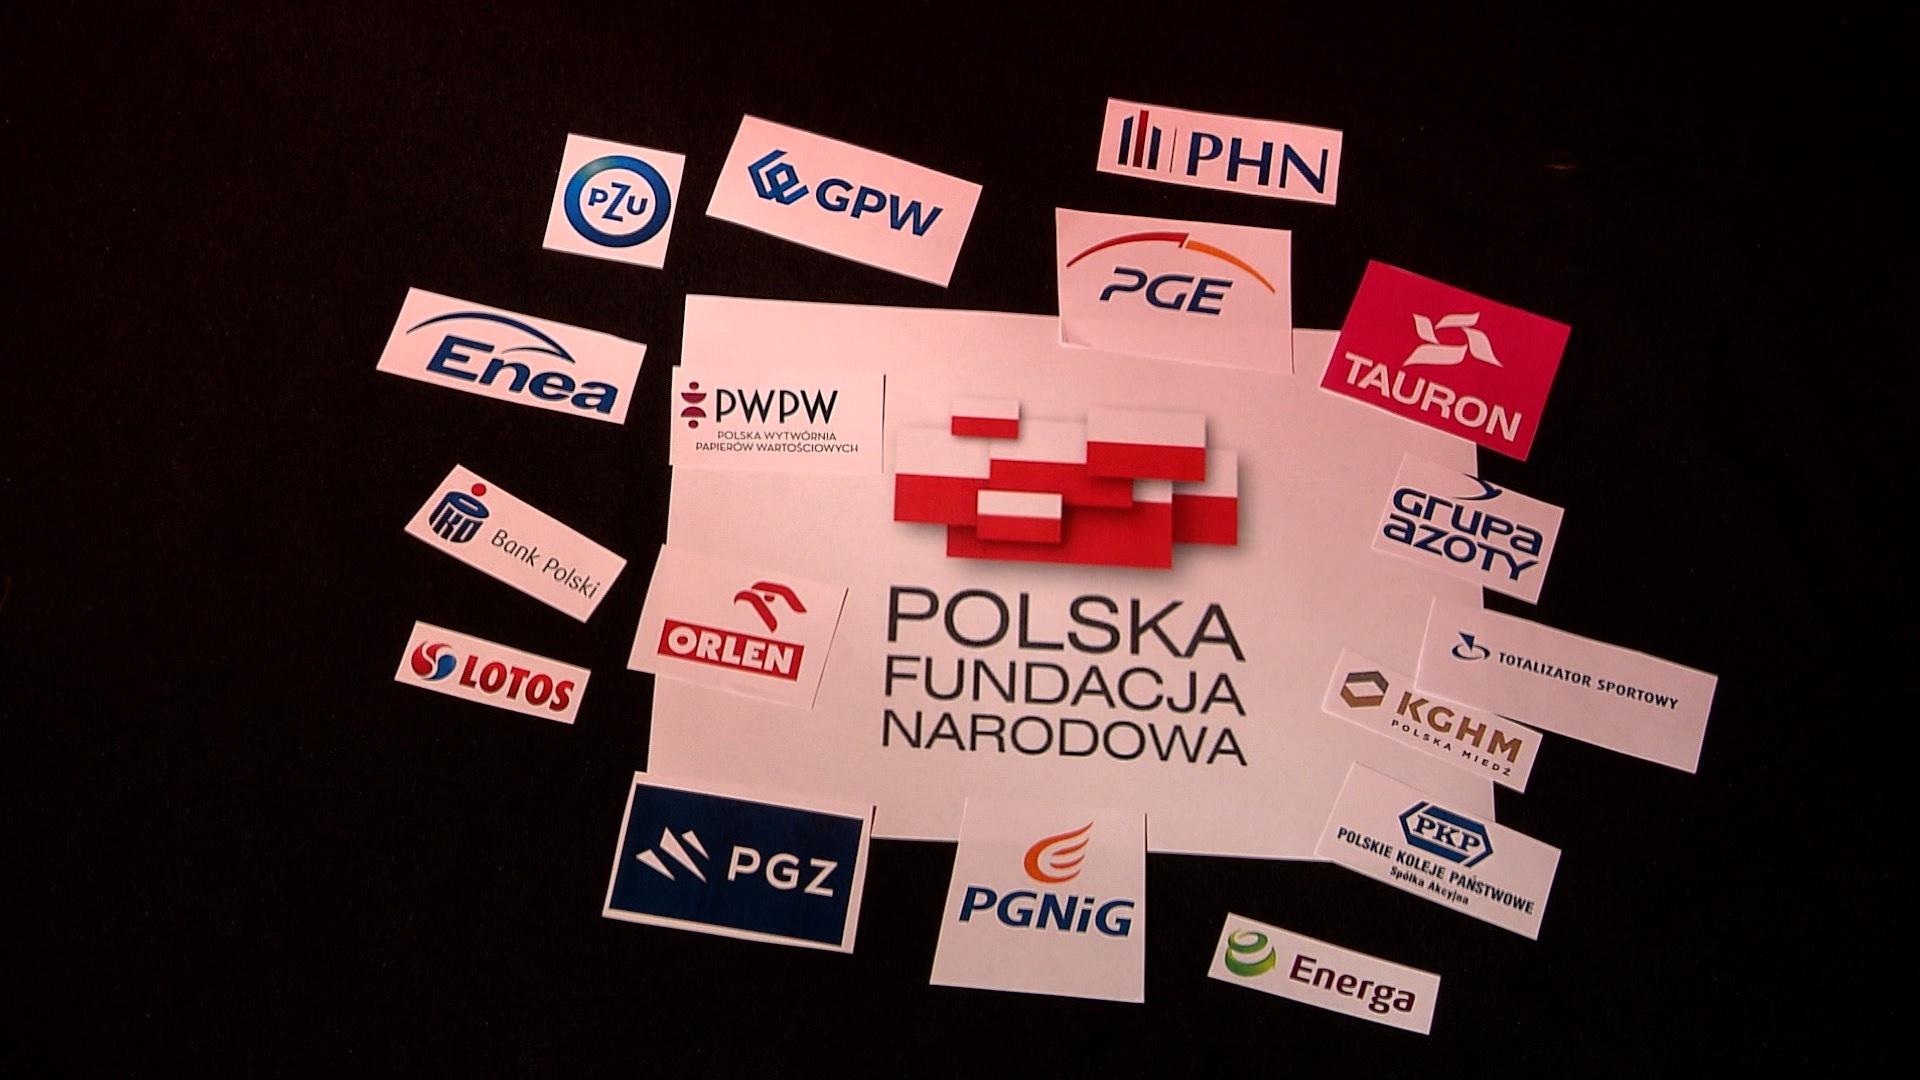 Sprawozdanie o wydatkach Polskiej Fundacji Narodowej z 2018 roku